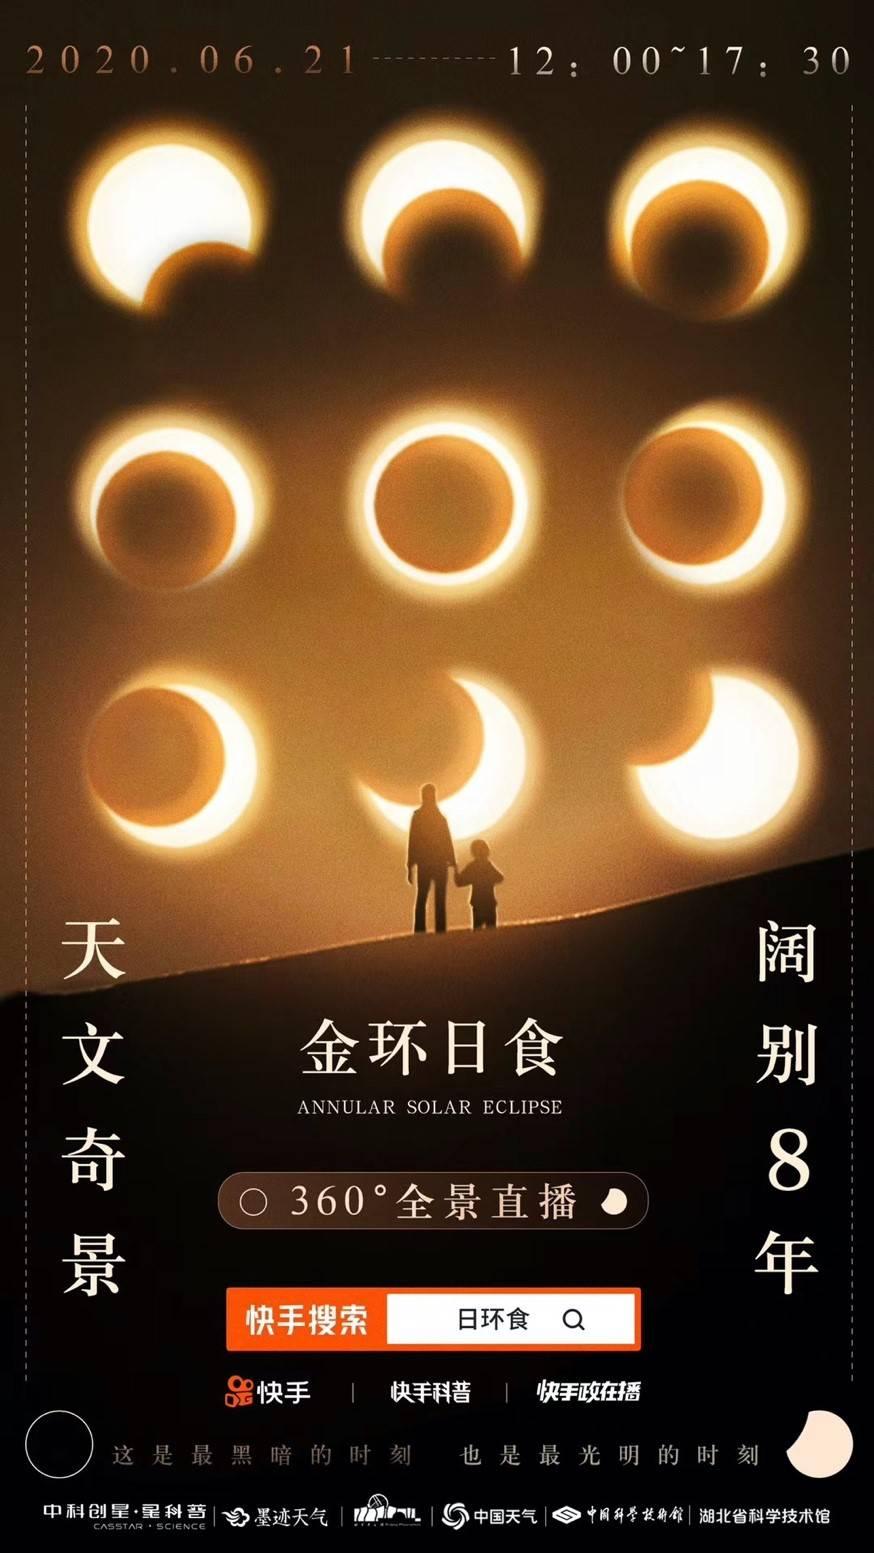 """足不出户看宇宙级浪漫星象 孟非快手直播首秀带你看十年一遇""""金边日食""""奇景"""